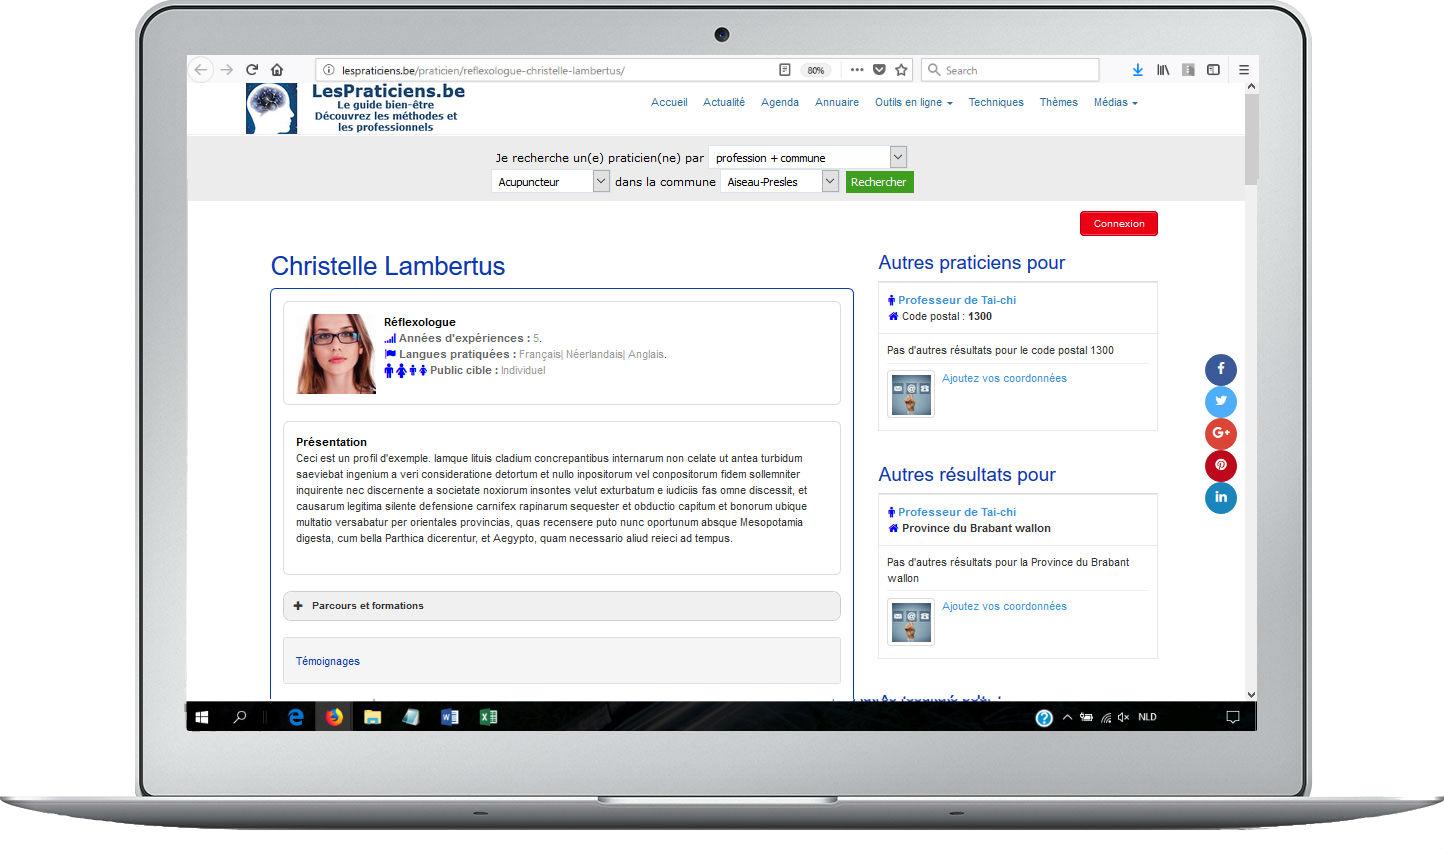 example de page de profil - haut de page